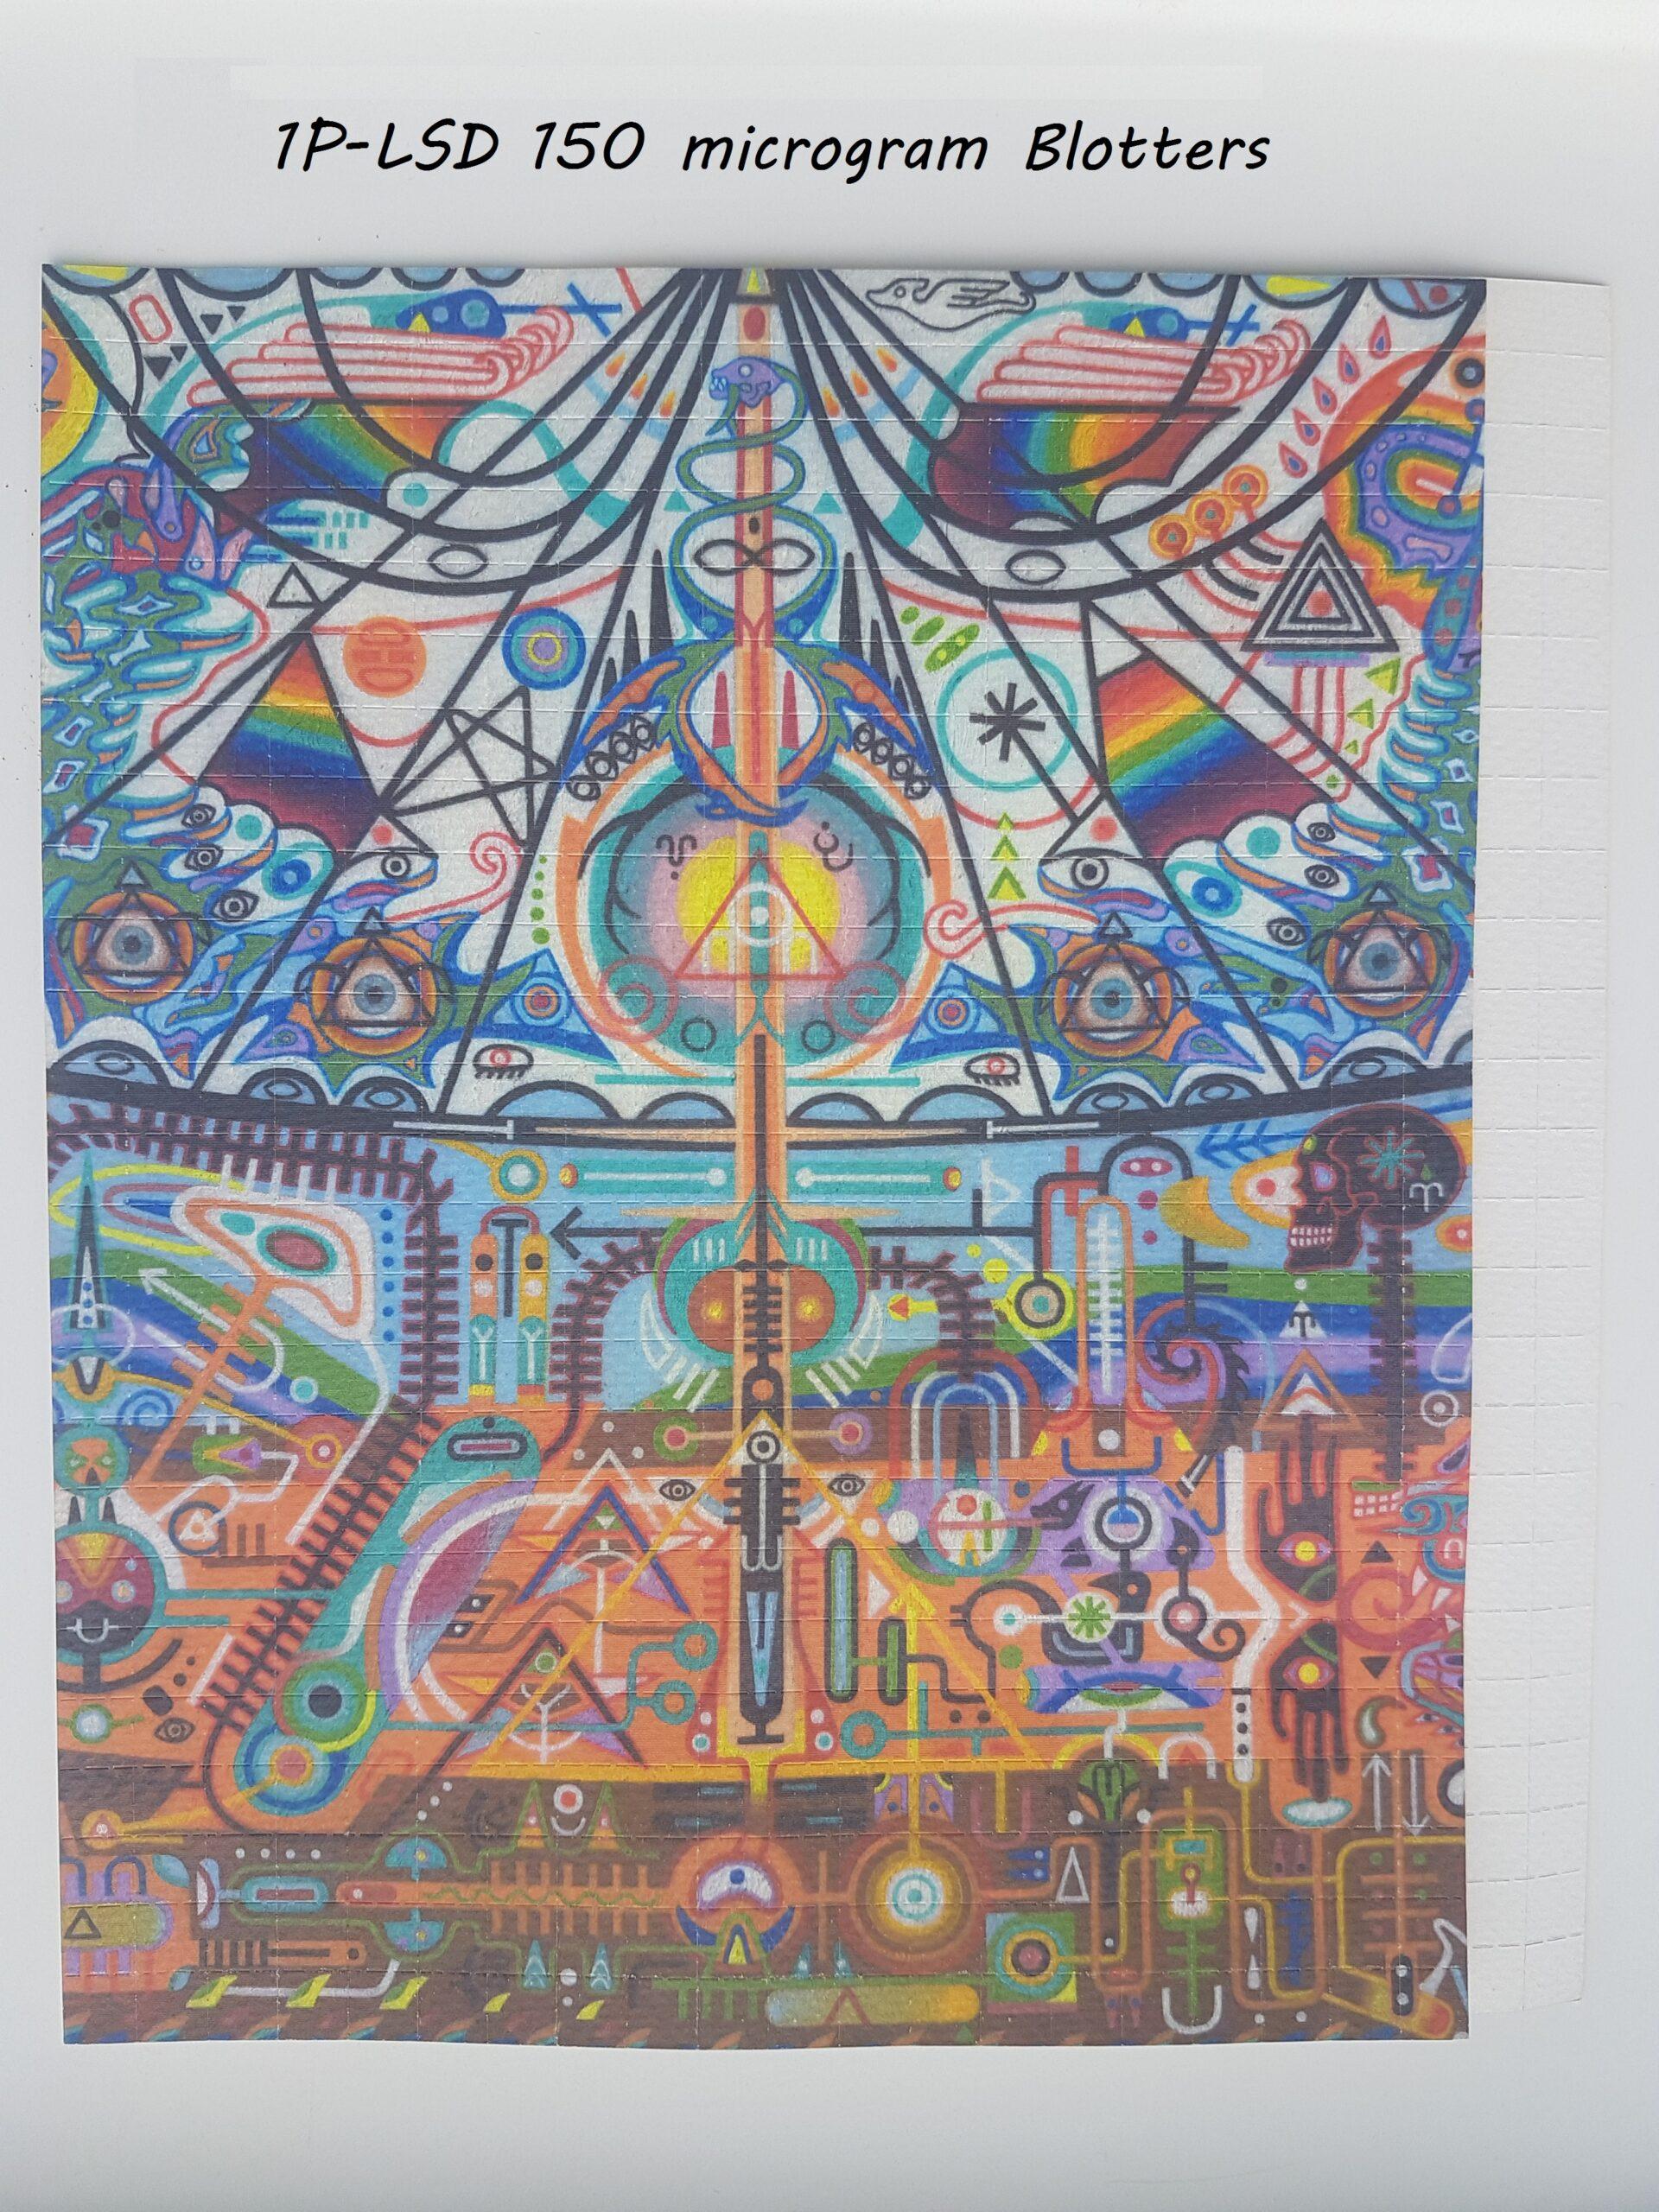 1P-LSD-150-microgram-blotters-kopen